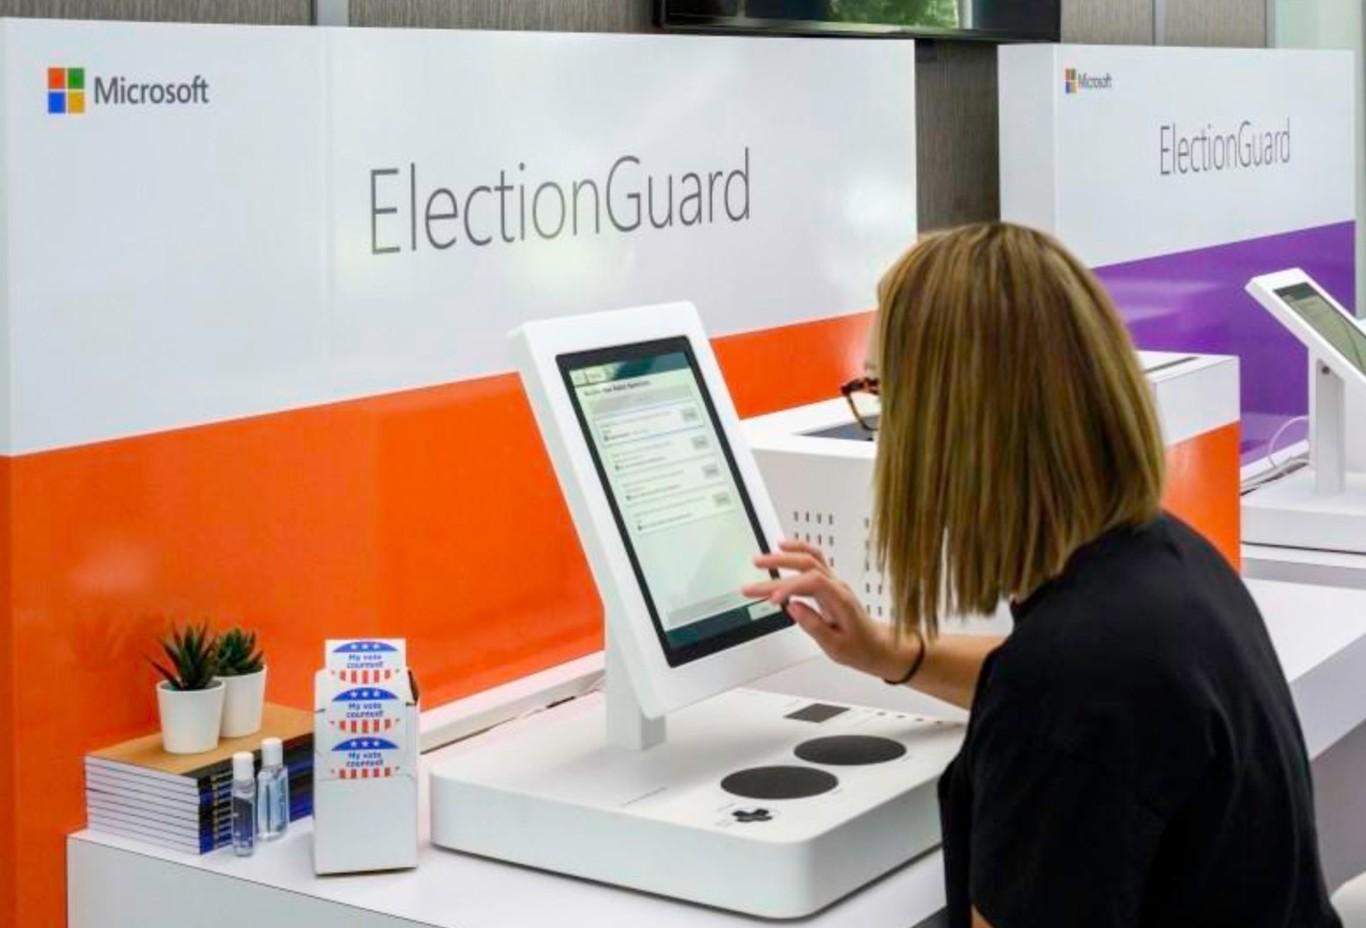 Microsoft crea ElectionGuard: un sistema de voto electrónico indiferente al hackeo